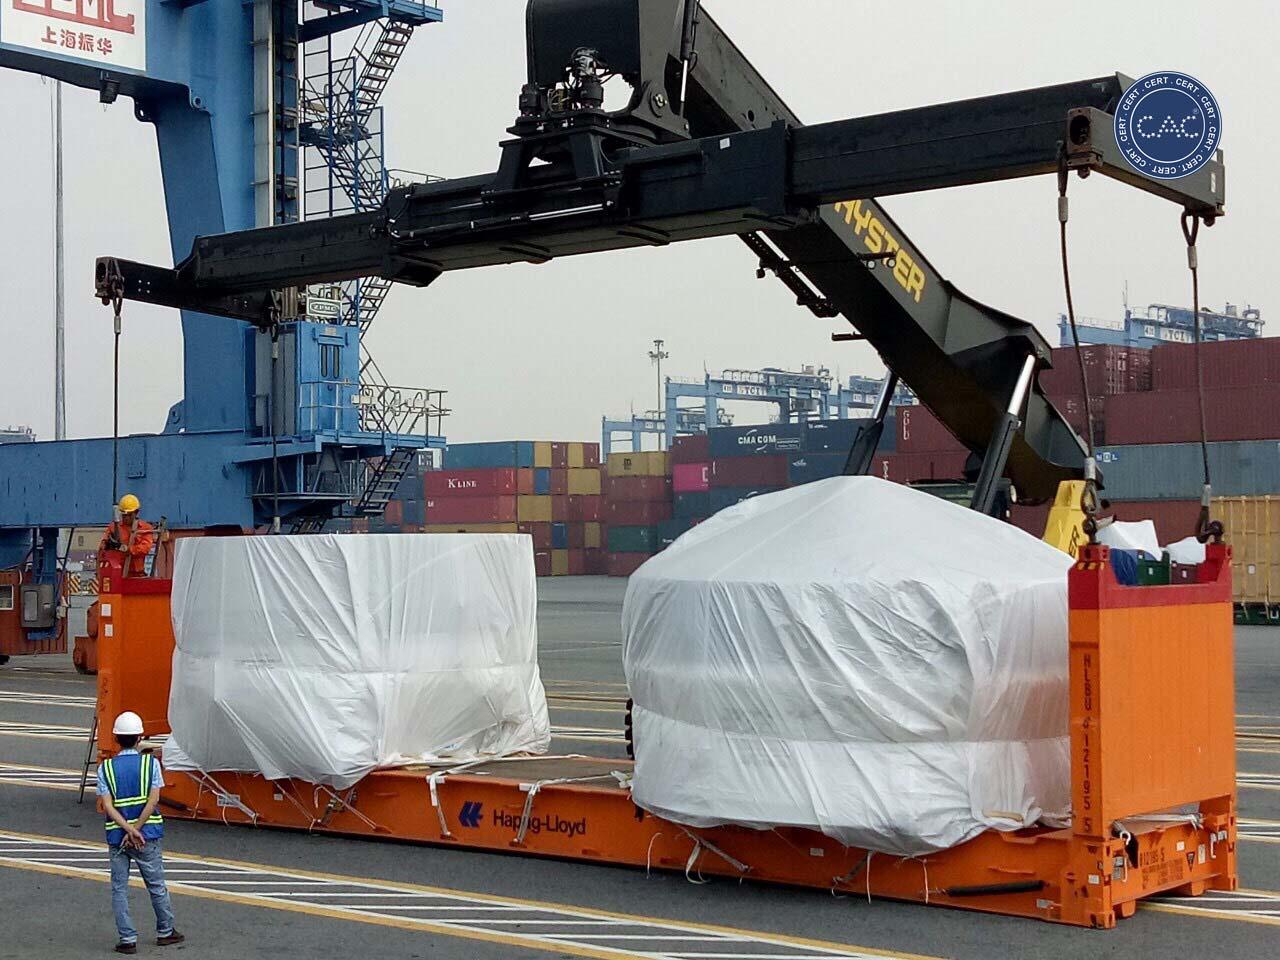 Sản phẩm hàng hóa có yêu cầu nghiêm ngặt về an toàn